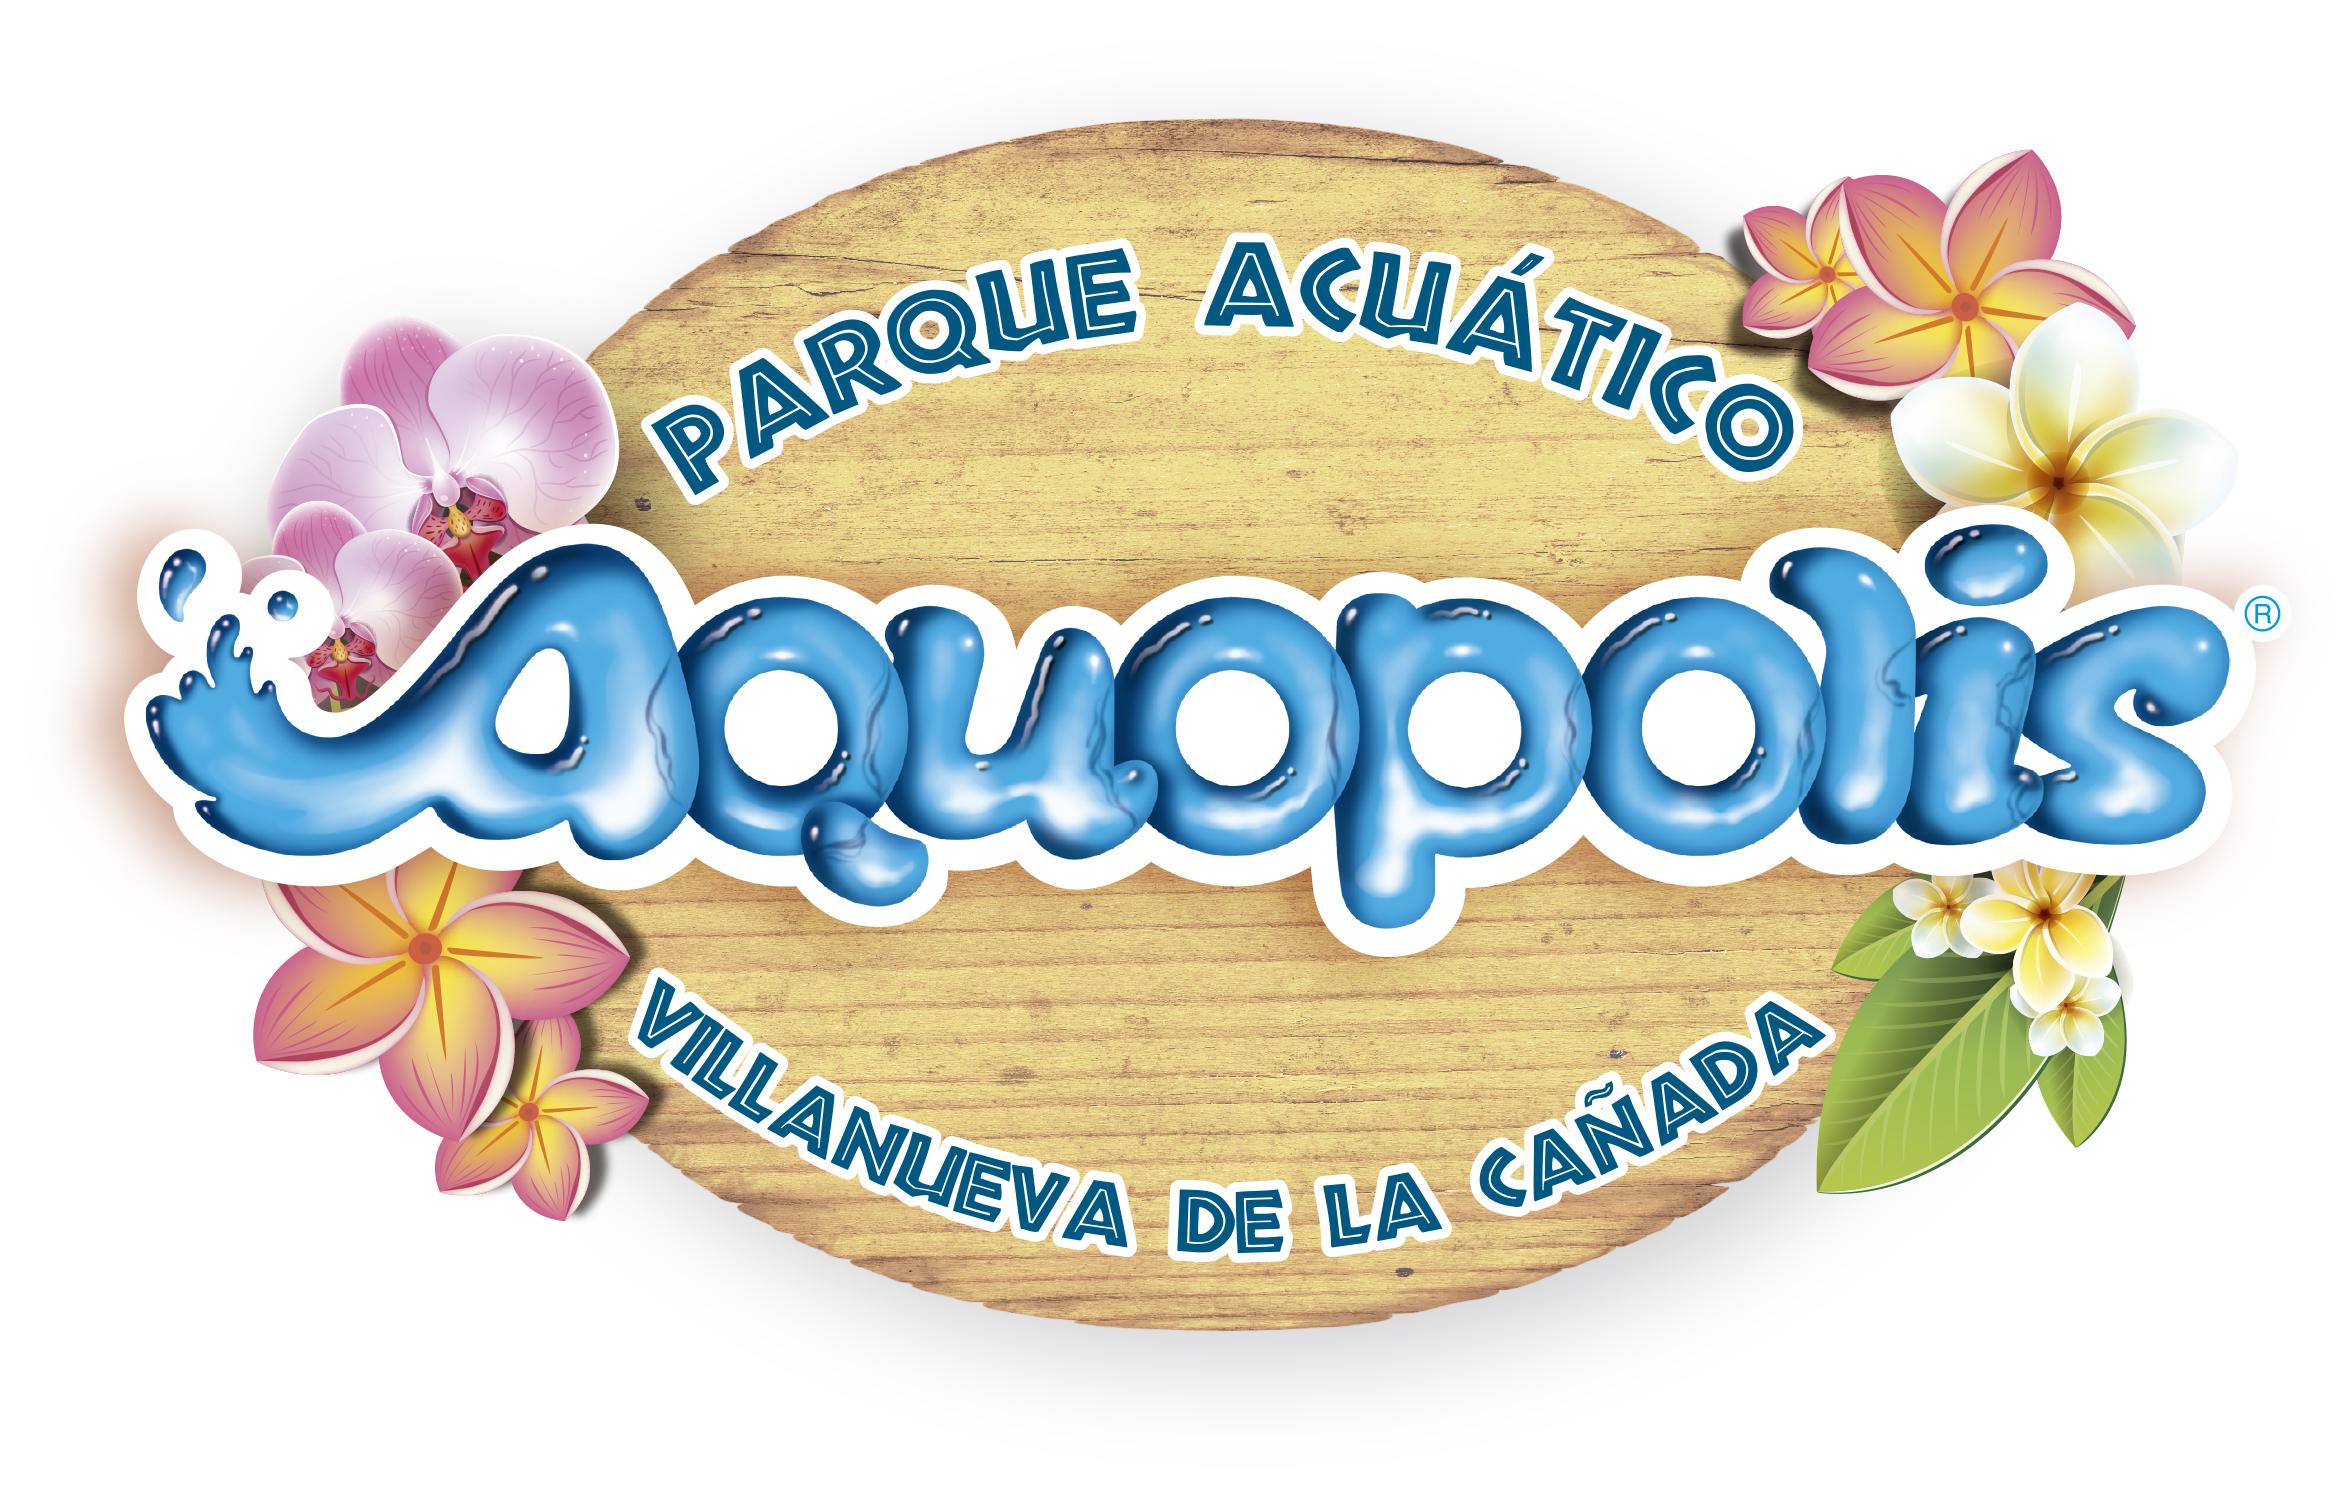 logo aquopolis hawaii Madrid